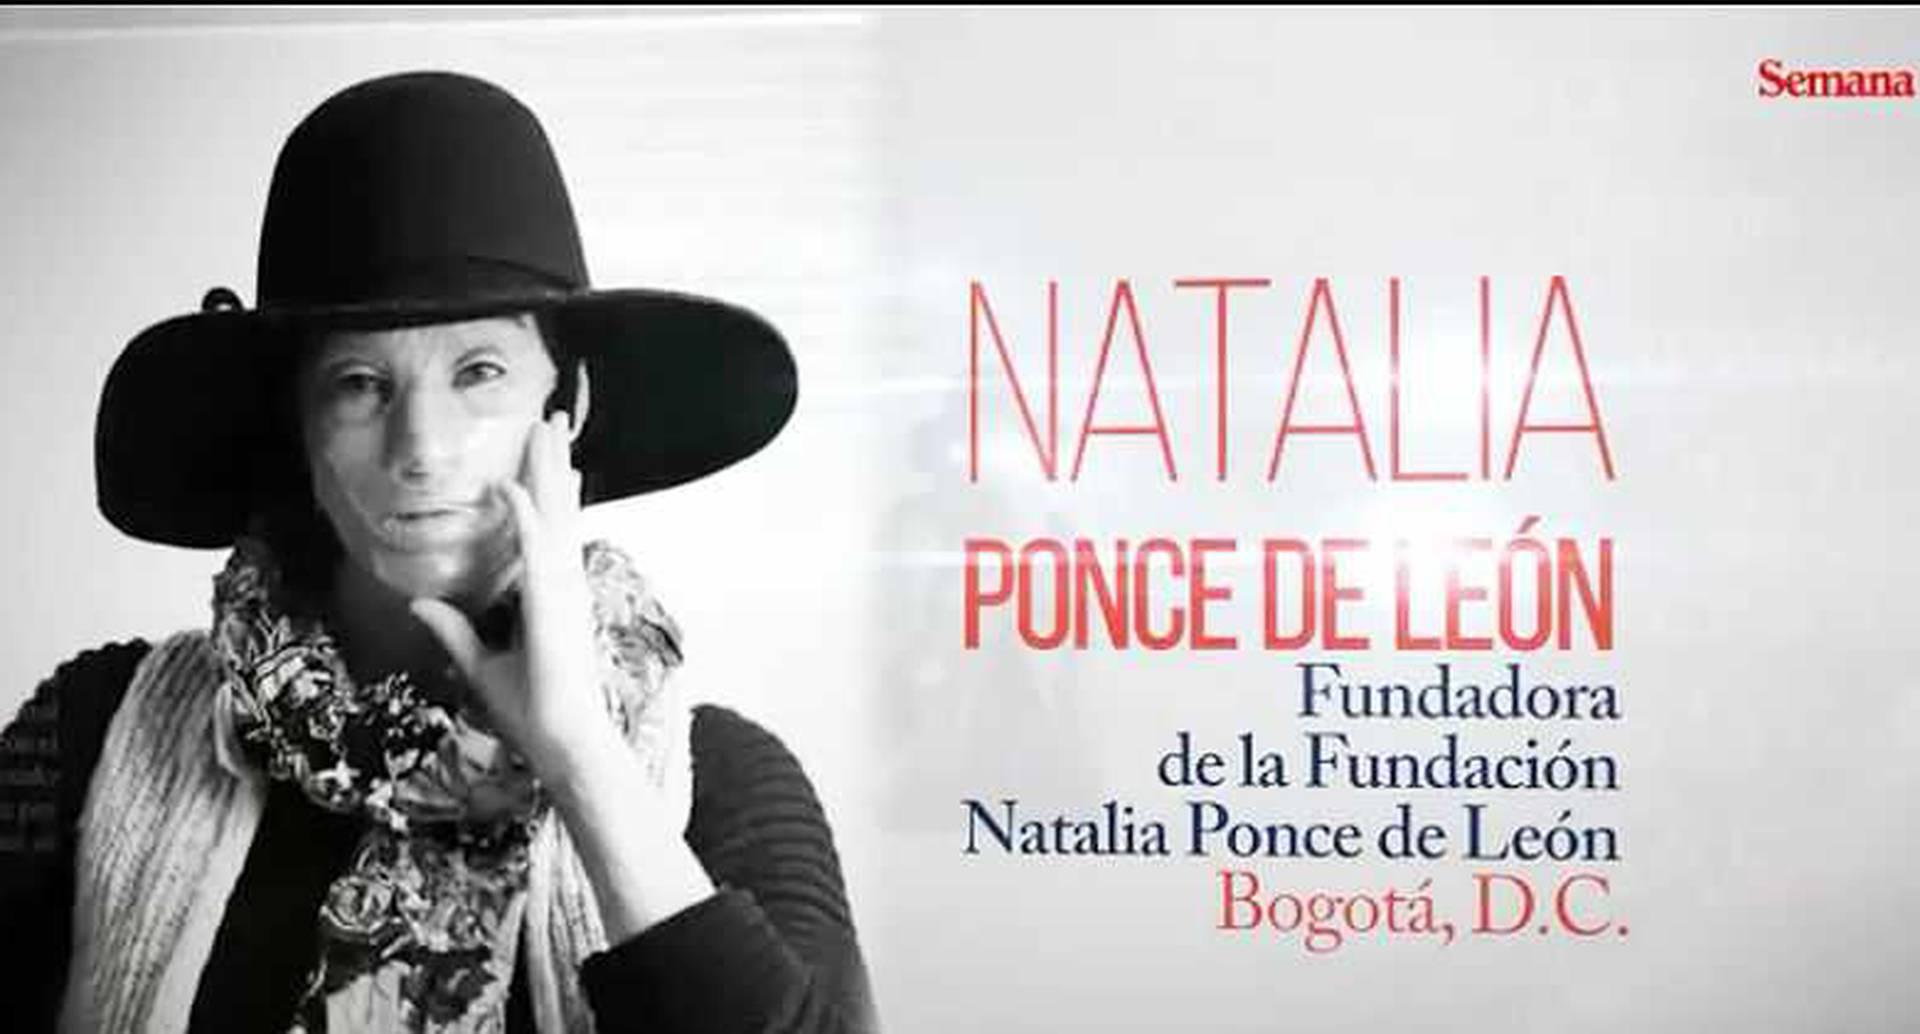 Natalia Ponce de León impulsó en el Congreso una ley para que se aumenten las penas contra los agresores.